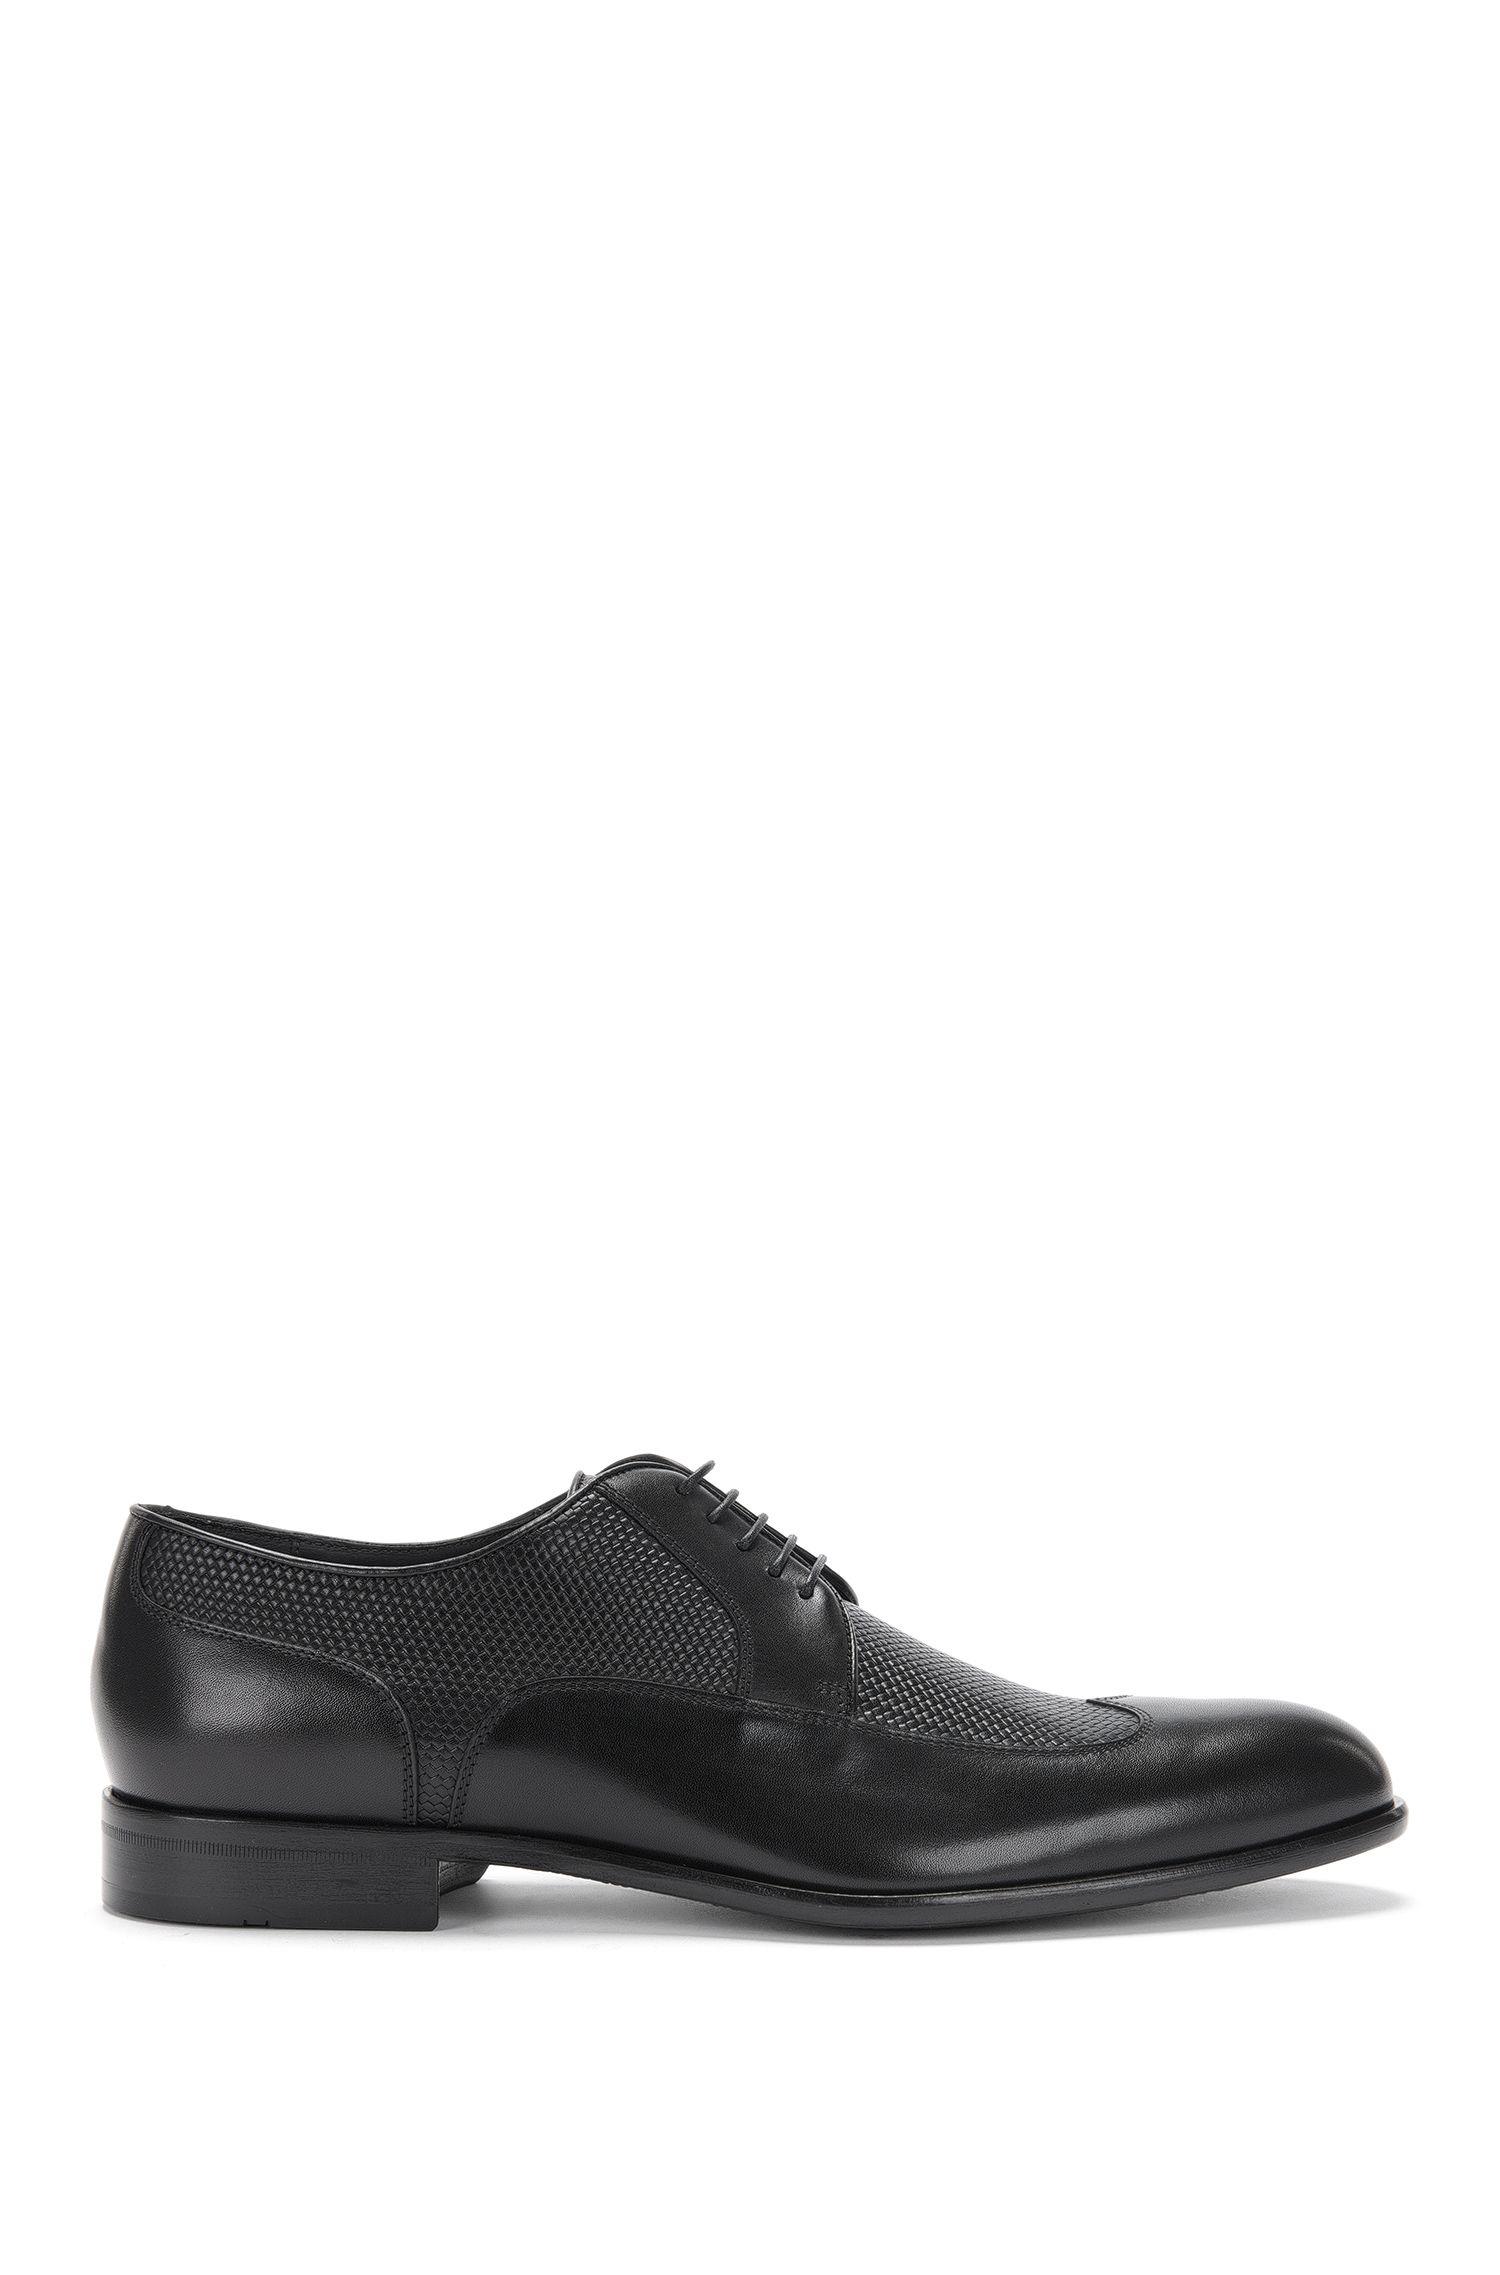 Zapatos de cordón en piel con estampado tejido: 'Maderb'